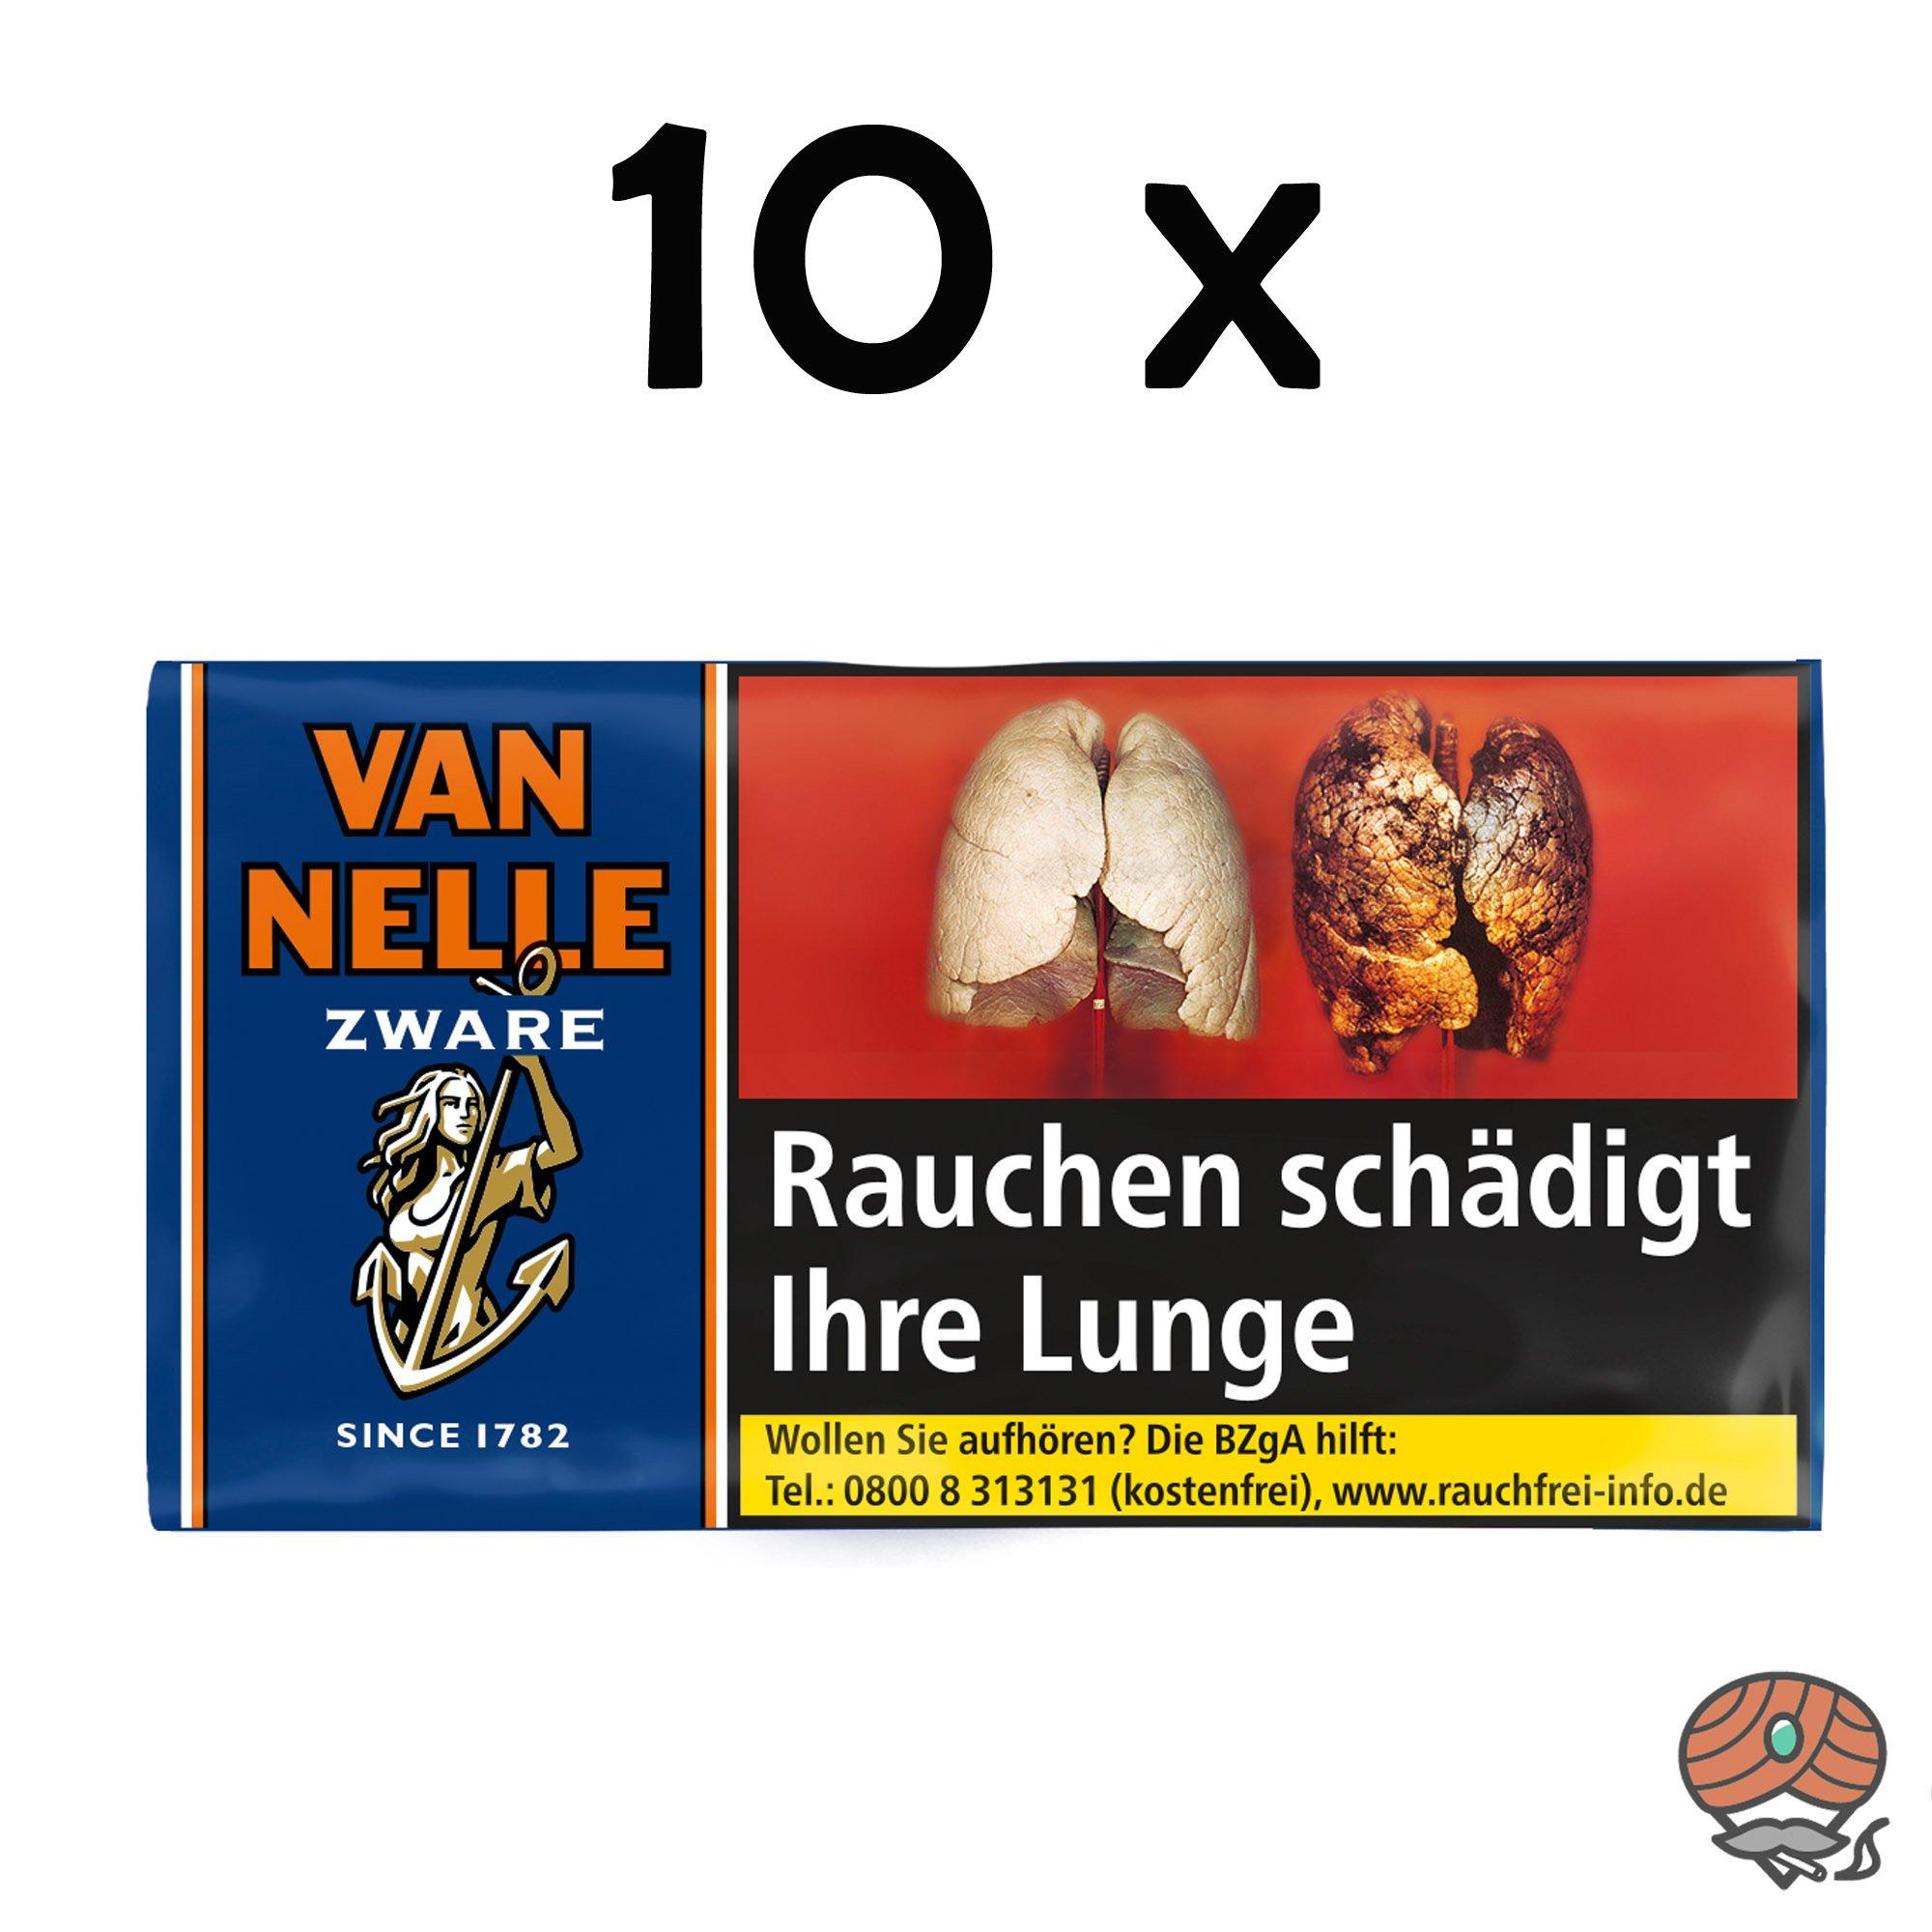 10x Van Nelle Zware Shag Drehtabak 30g Beutel